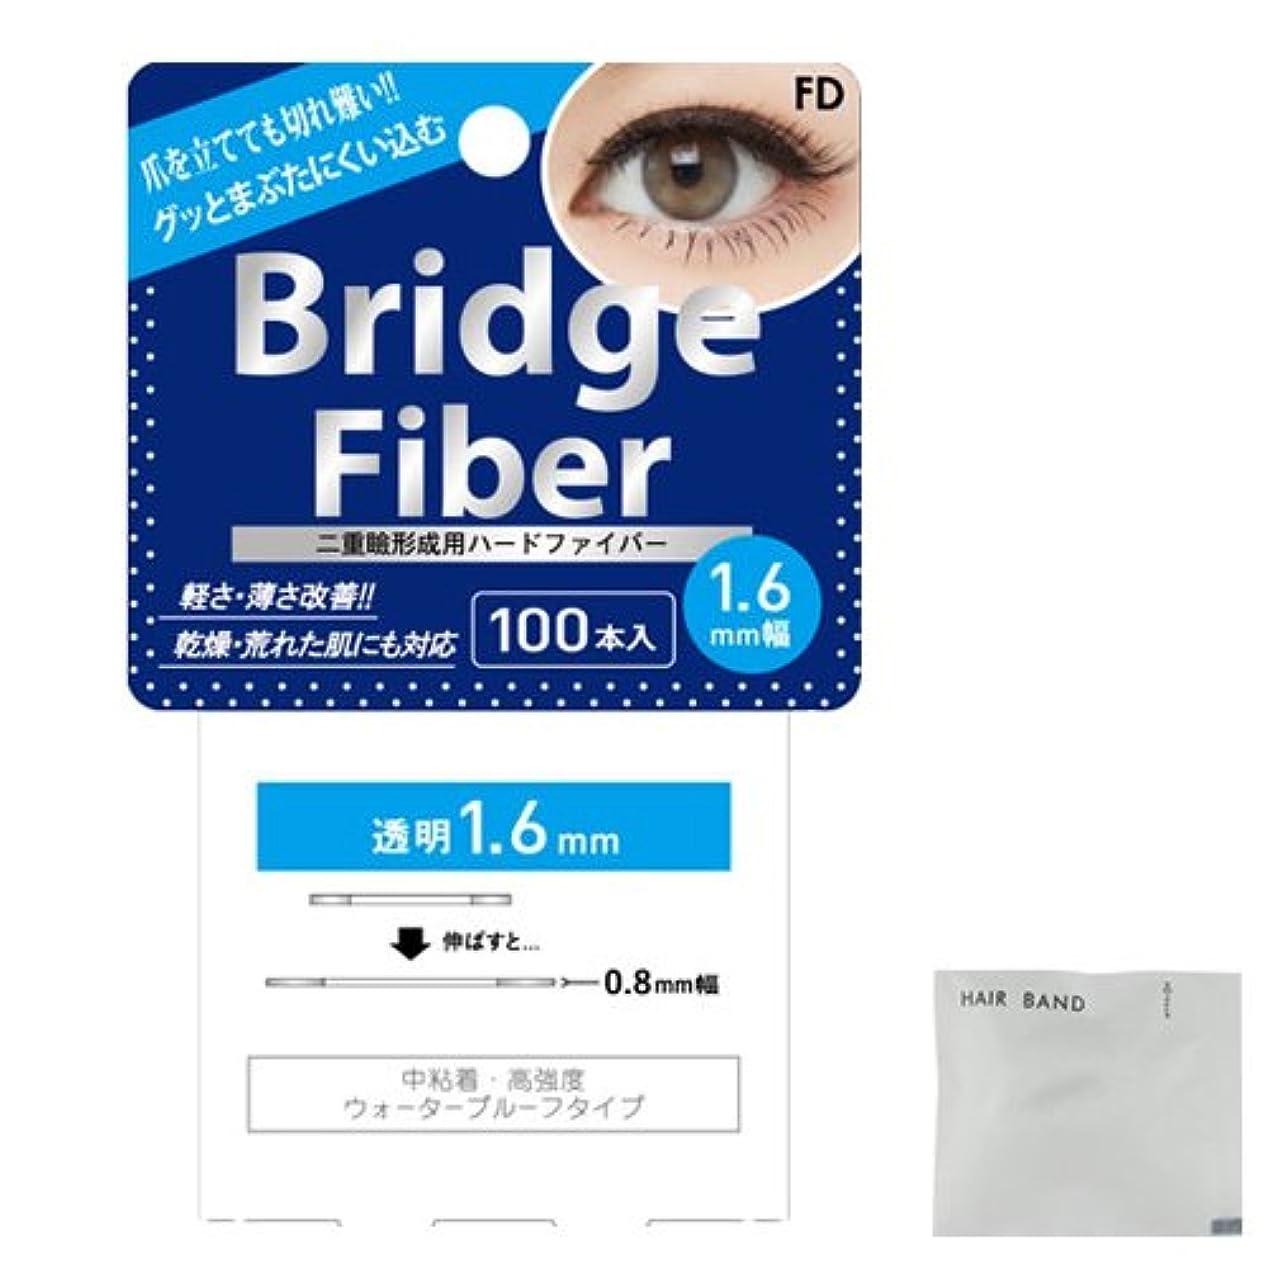 失敗ベーリング海峡そよ風FD ブリッジファイバーⅡ (Bridge Fiber) クリア1.6mm + ヘアゴム(カラーはおまかせ)セット